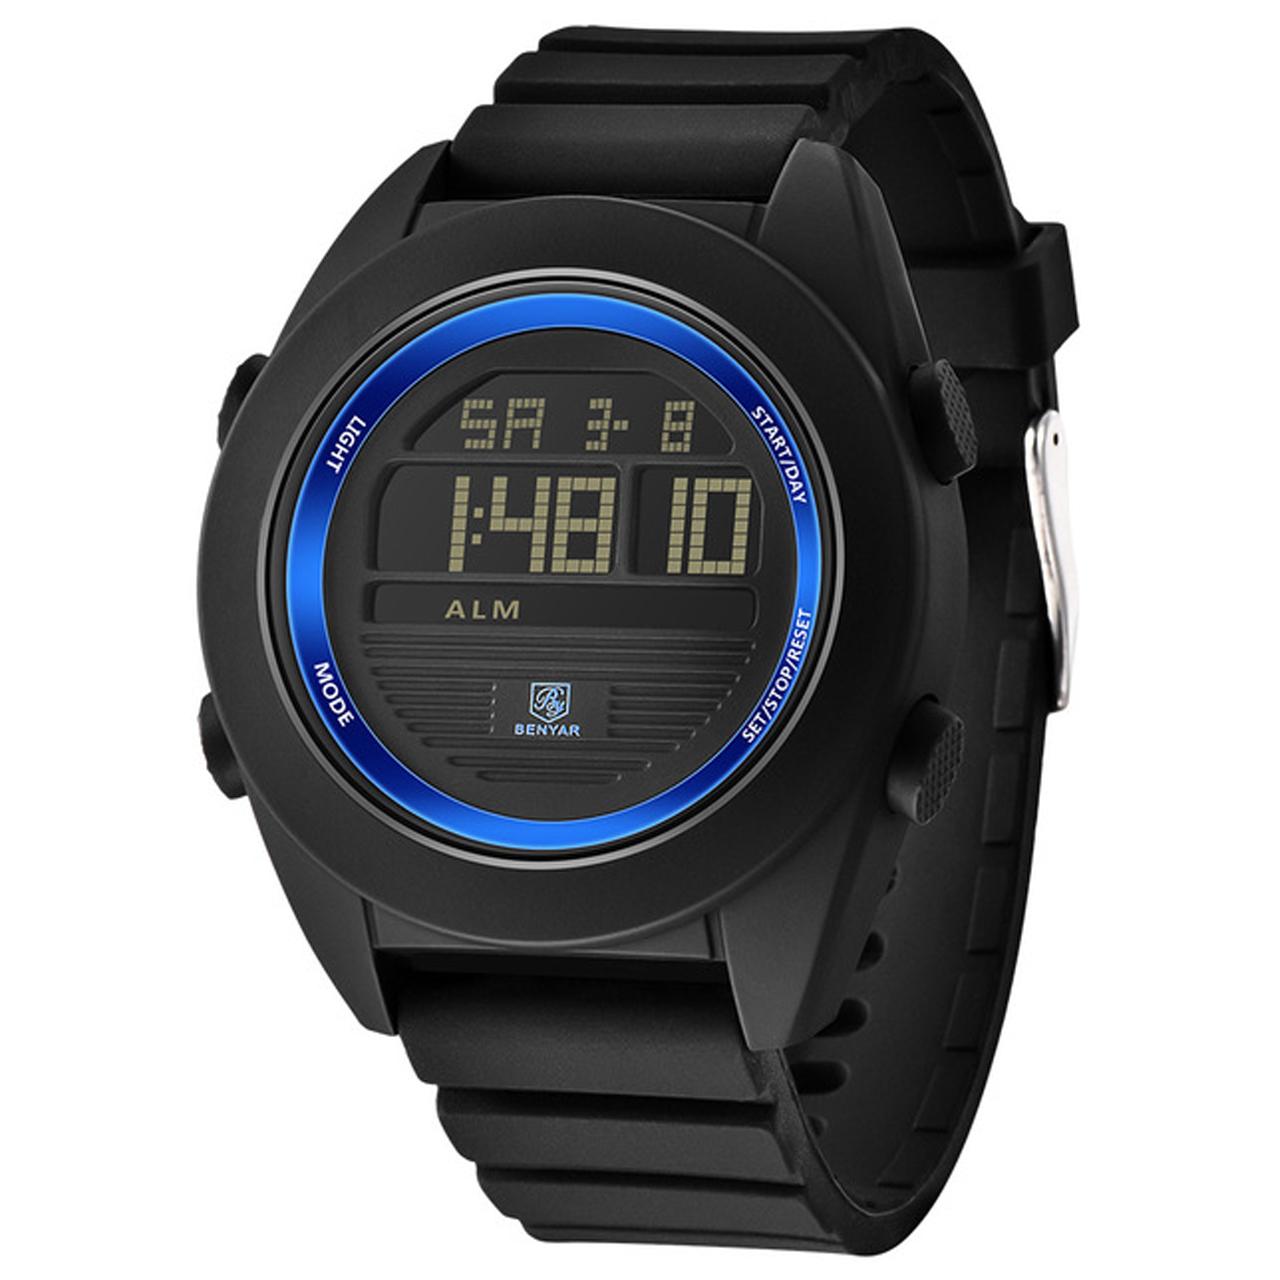 ساعت مچی دیجیتالی مردانه بنیار مدل 8002A 34